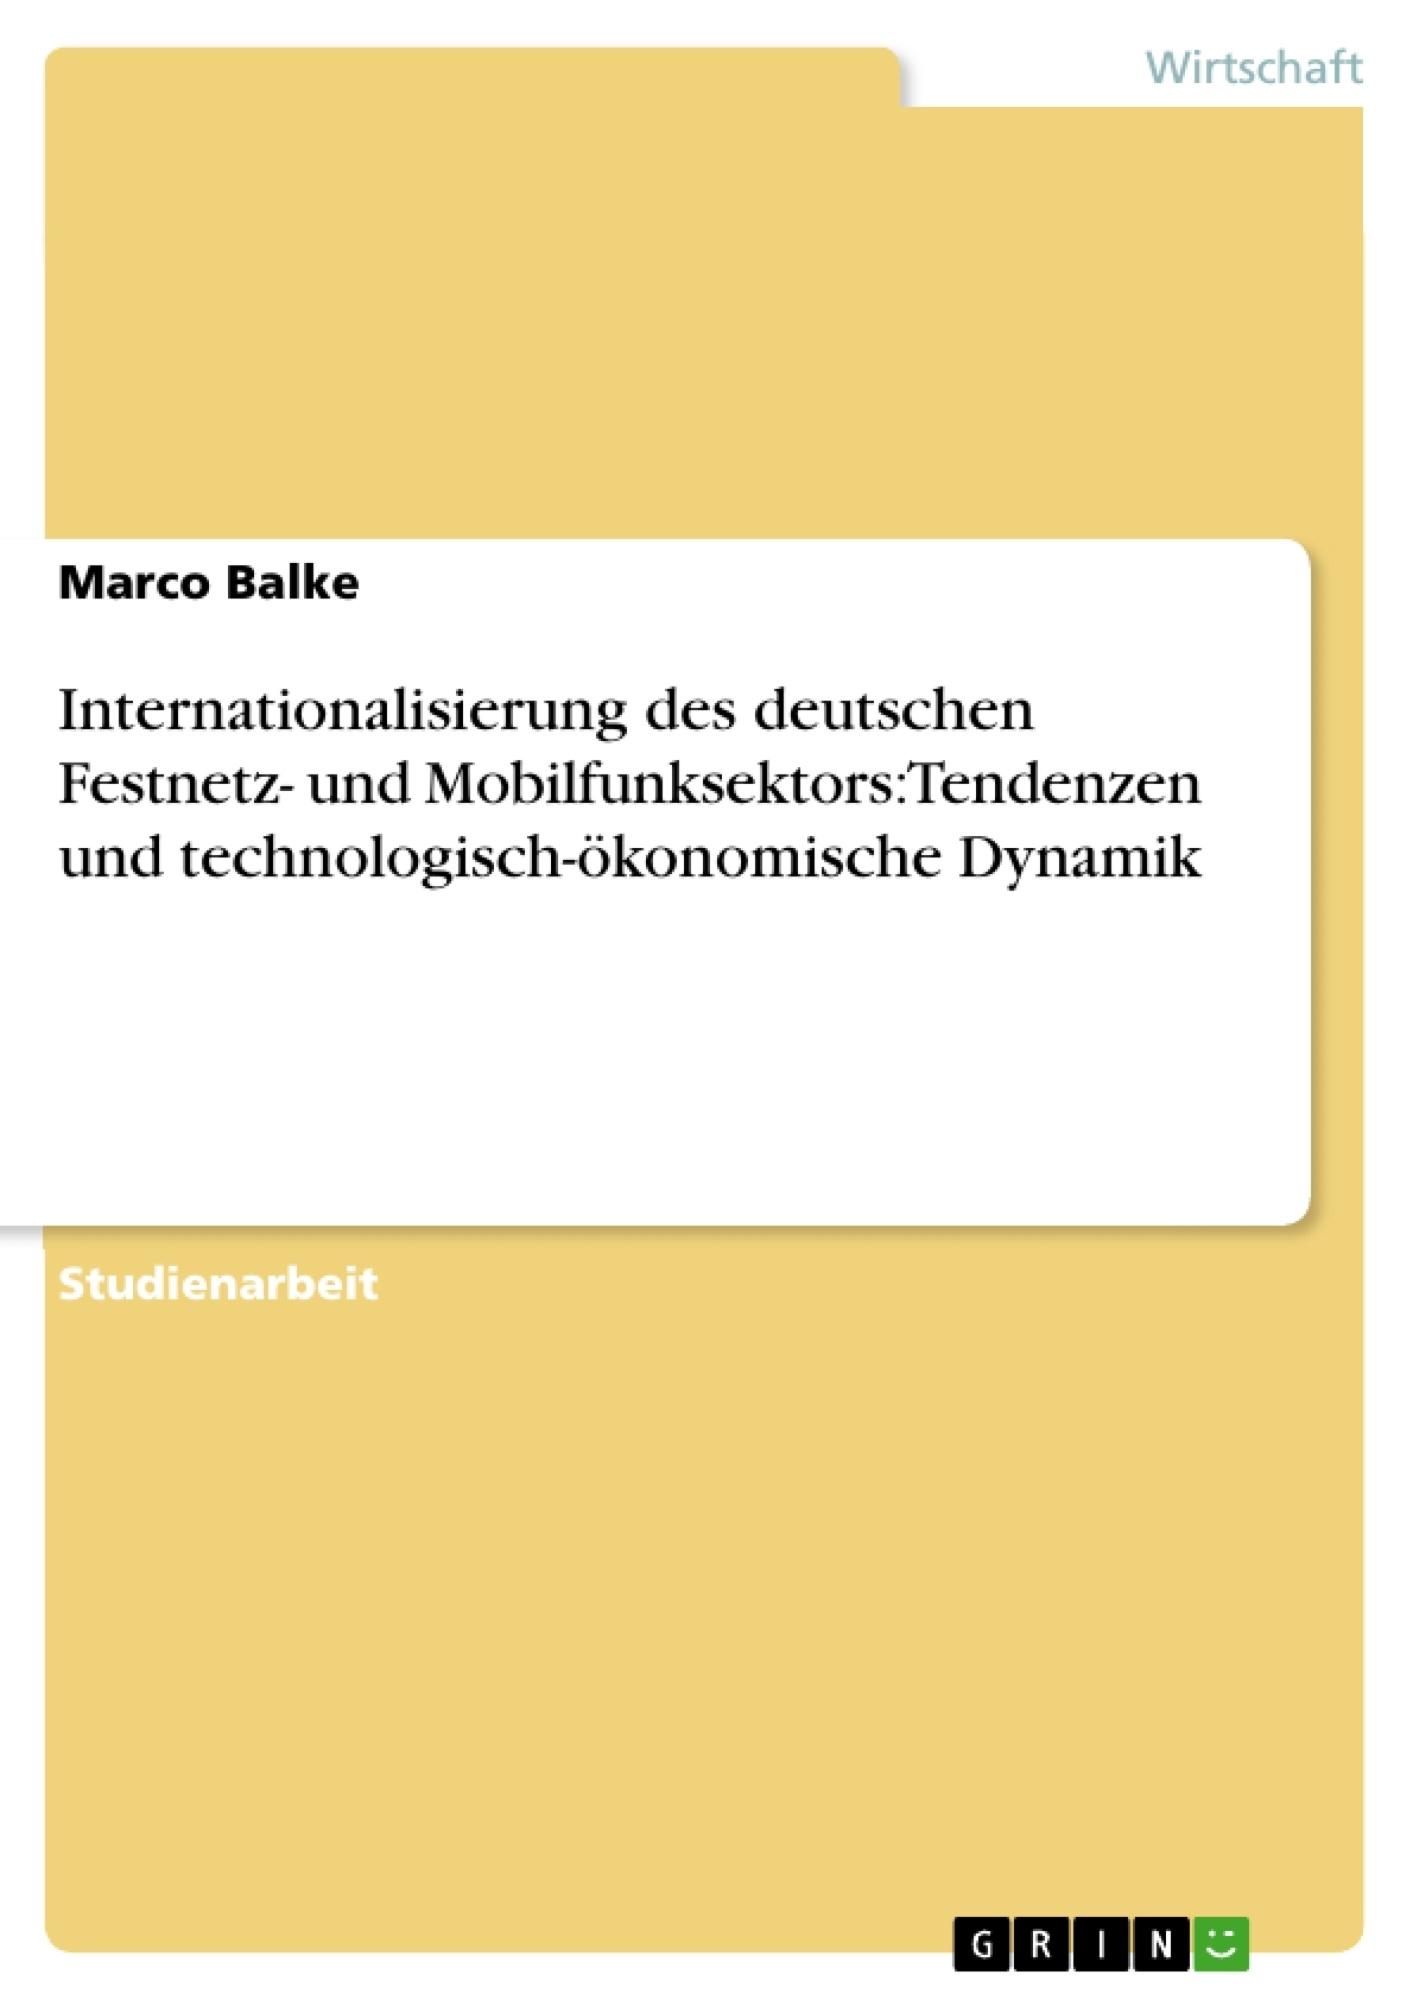 Titel: Internationalisierung des deutschen Festnetz- und Mobilfunksektors: Tendenzen und technologisch-ökonomische Dynamik